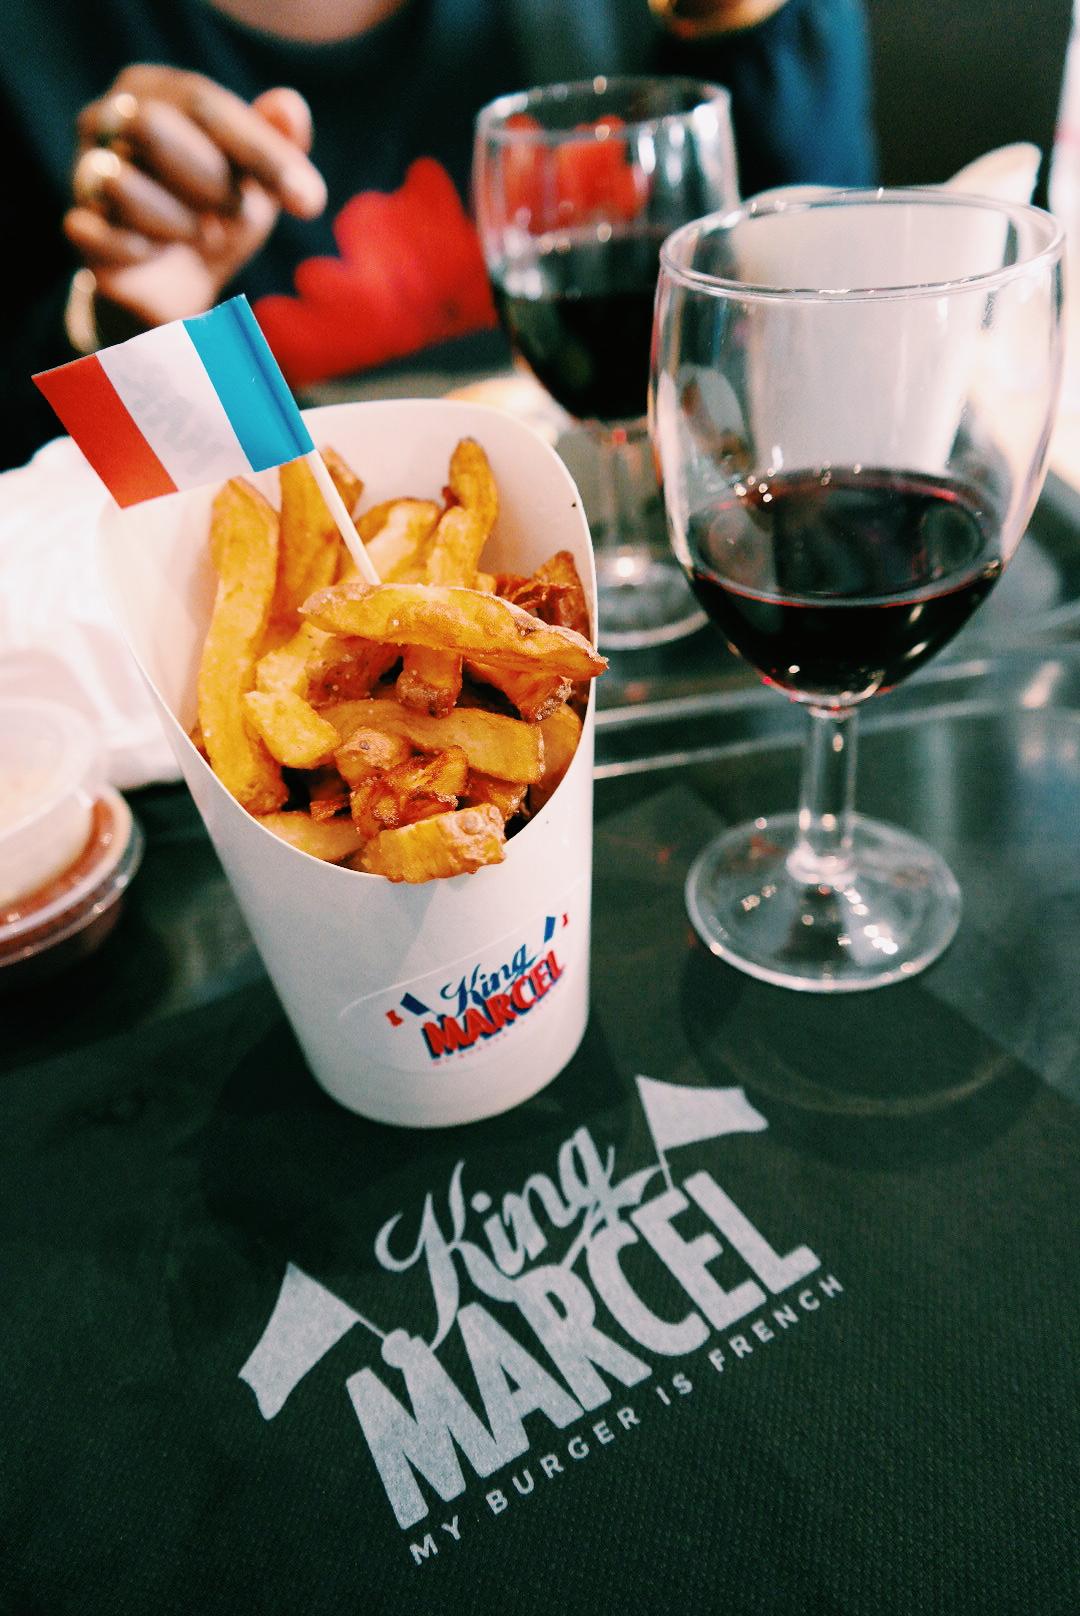 King-Marcel-Frites-fraiches-cuites-en-deux-bains-maison-et-verre-de-vin-my-burger-is-french-carte-restaurant-burgers-rue-Montmartre-paris-part-dieu-rue-mercière-lyon